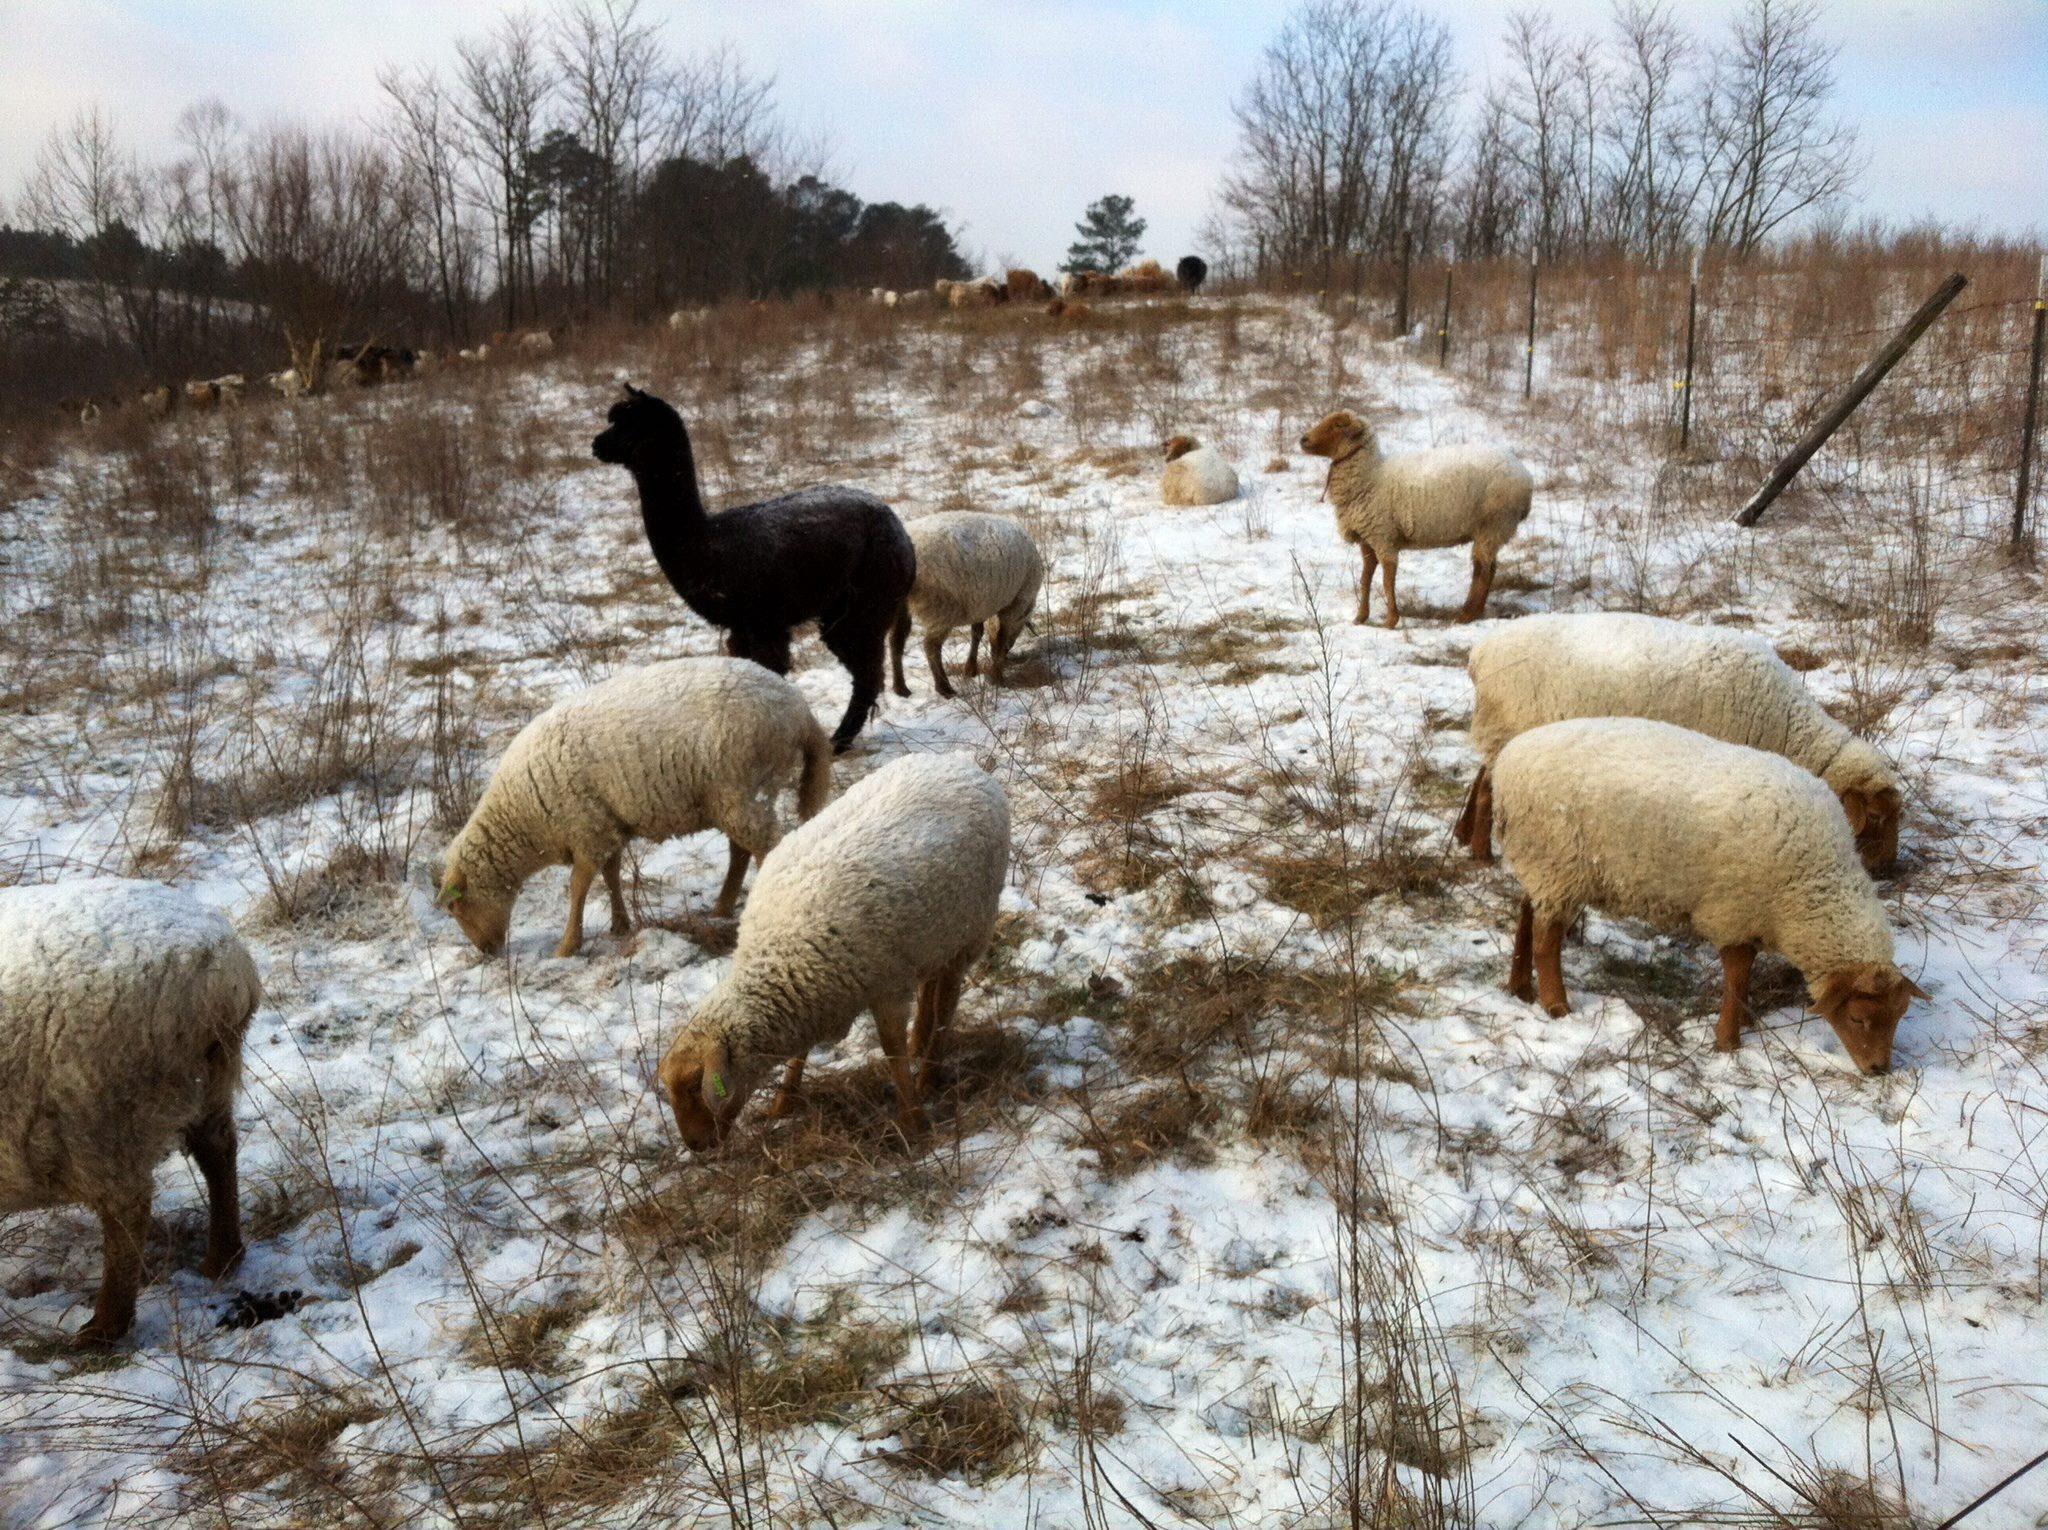 Image via:  Solace Farm Homestead